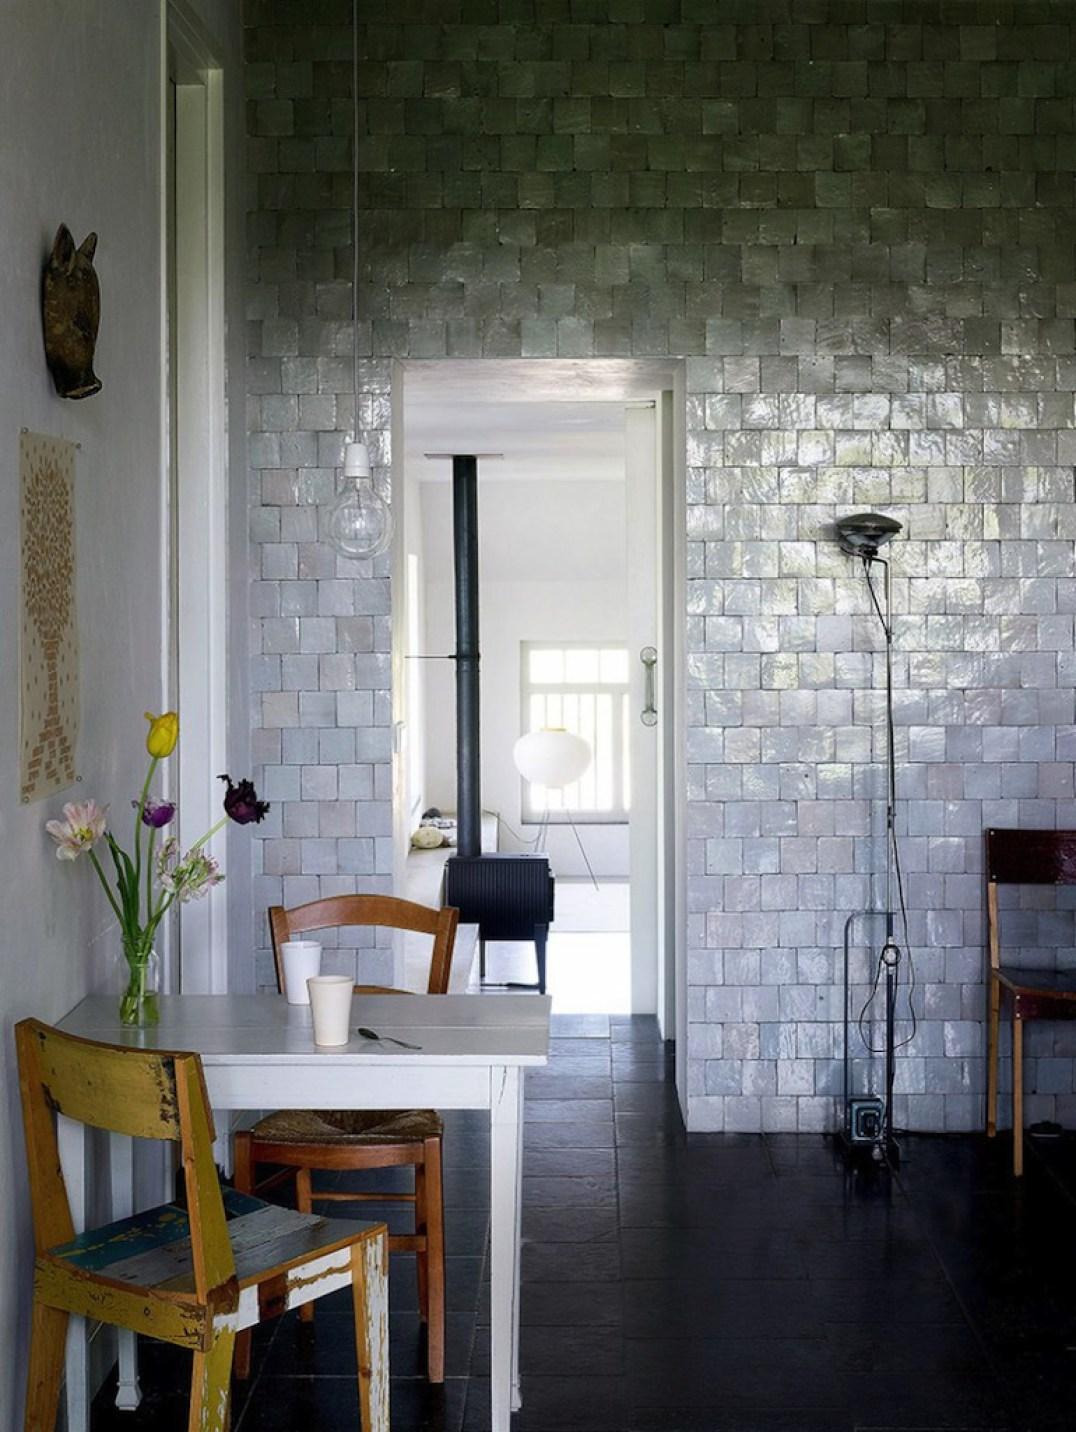 Accessoires Salle De Bain Couleur Aqua ~ Le Zellige Dans La Deco Une Hirondelle Dans Les Tiroirs